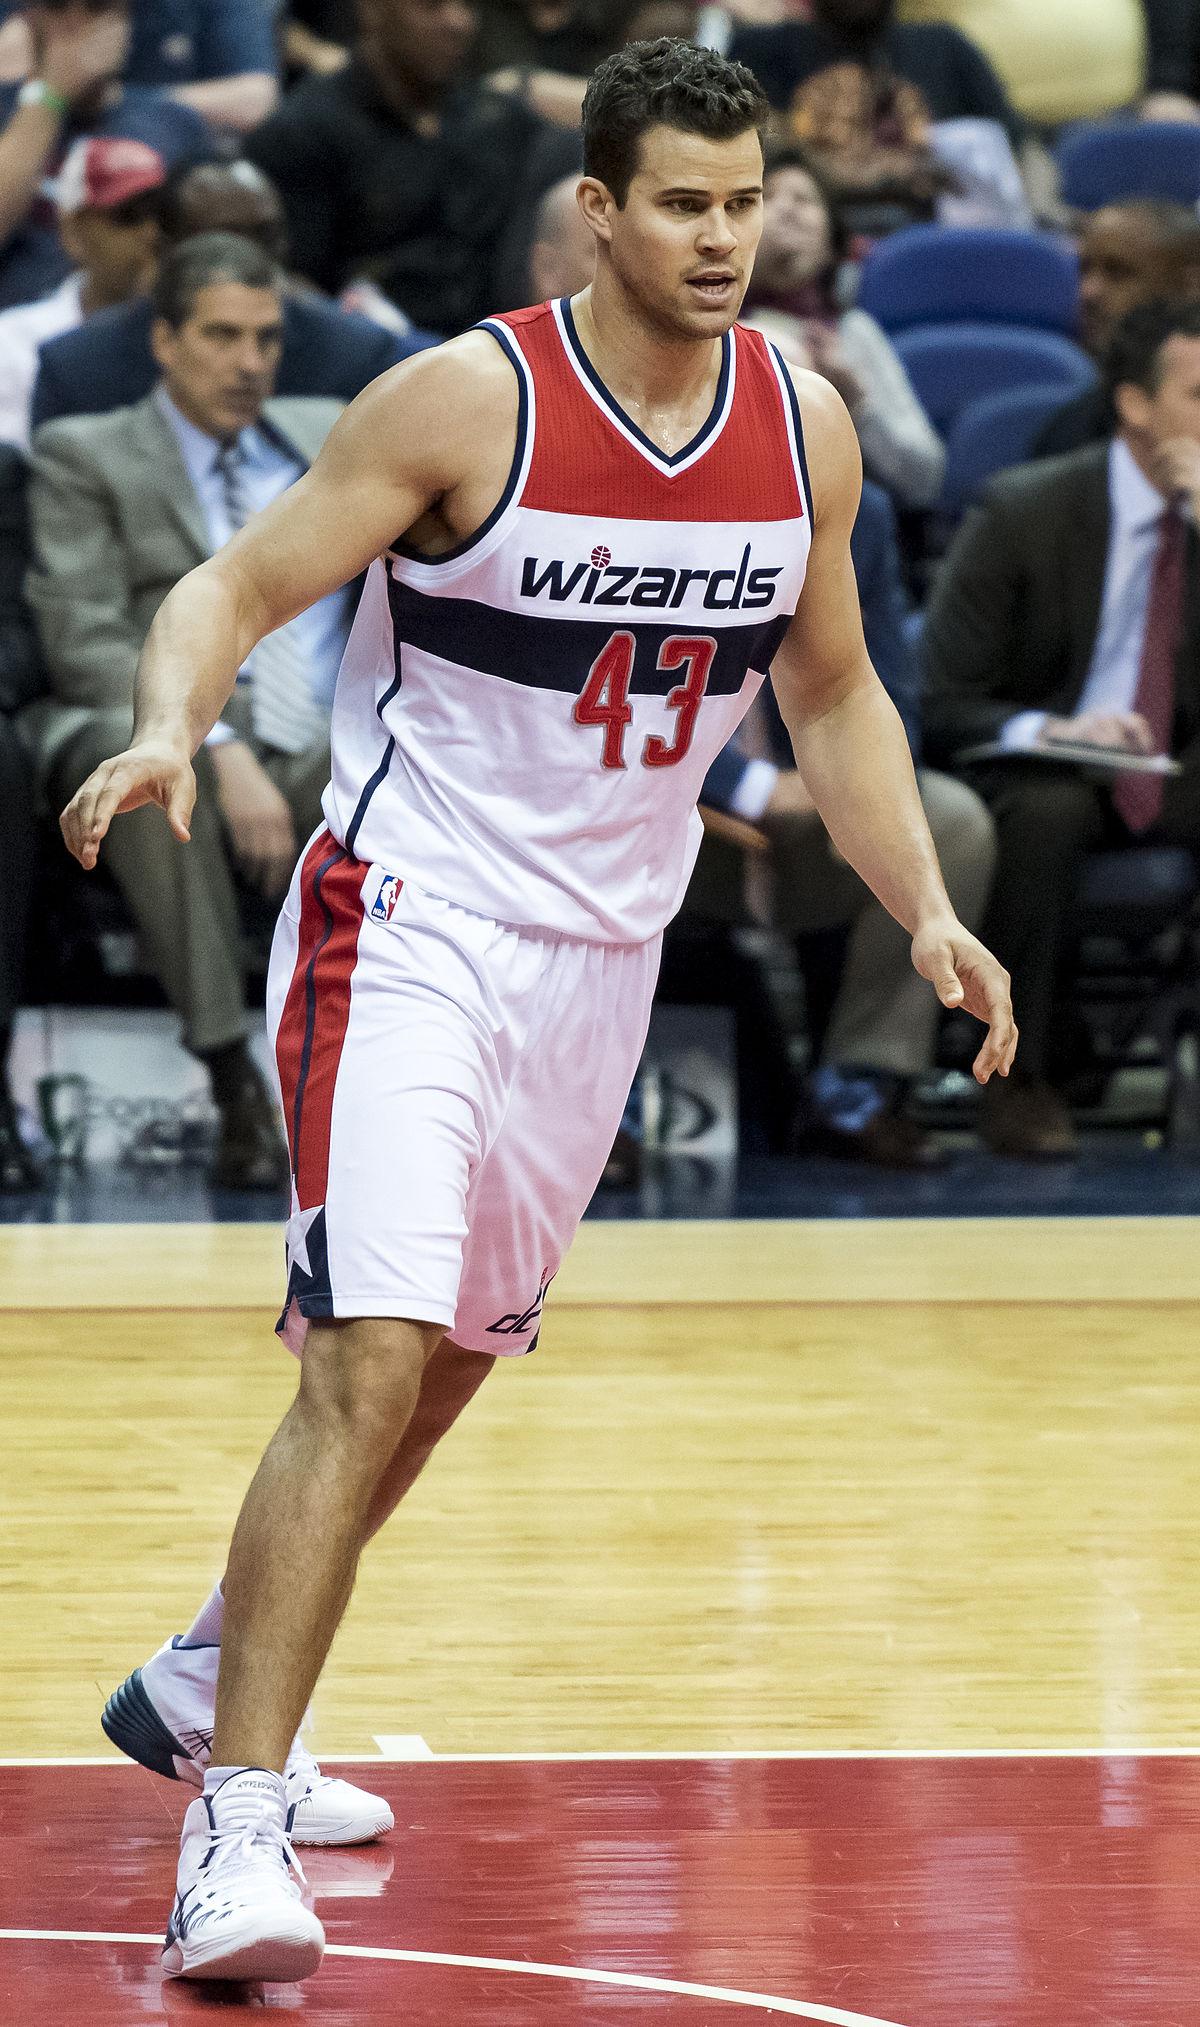 Kris Humphries - Wikipedia